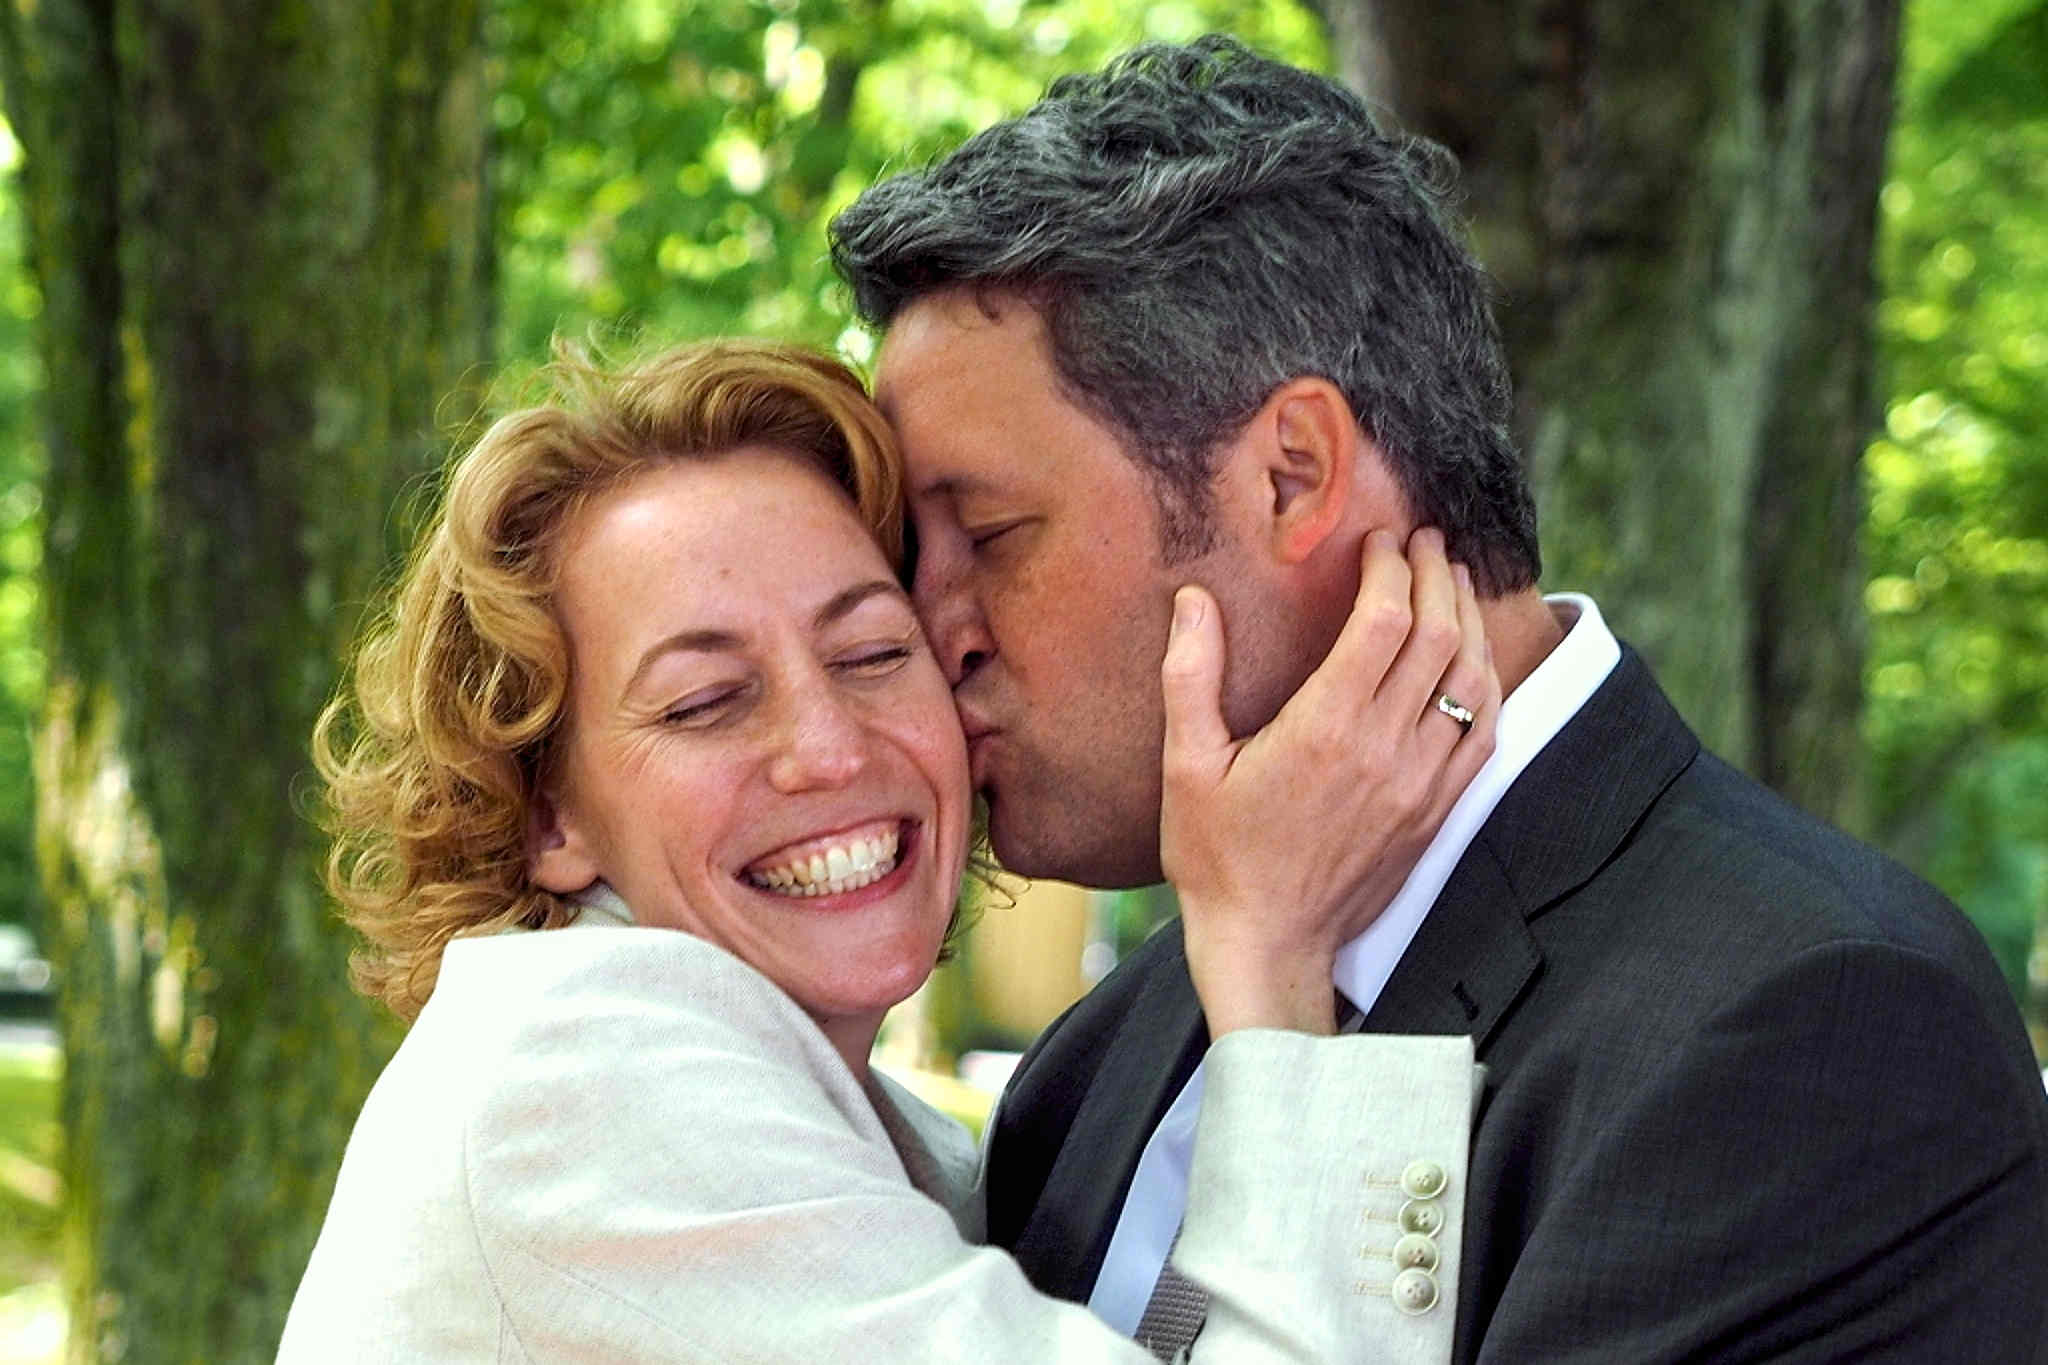 hochzeitsfotograf hof bleckmann, hochzeit in  hof bleckmann, heiraten am hof bleckmann, momente-einfangen.de